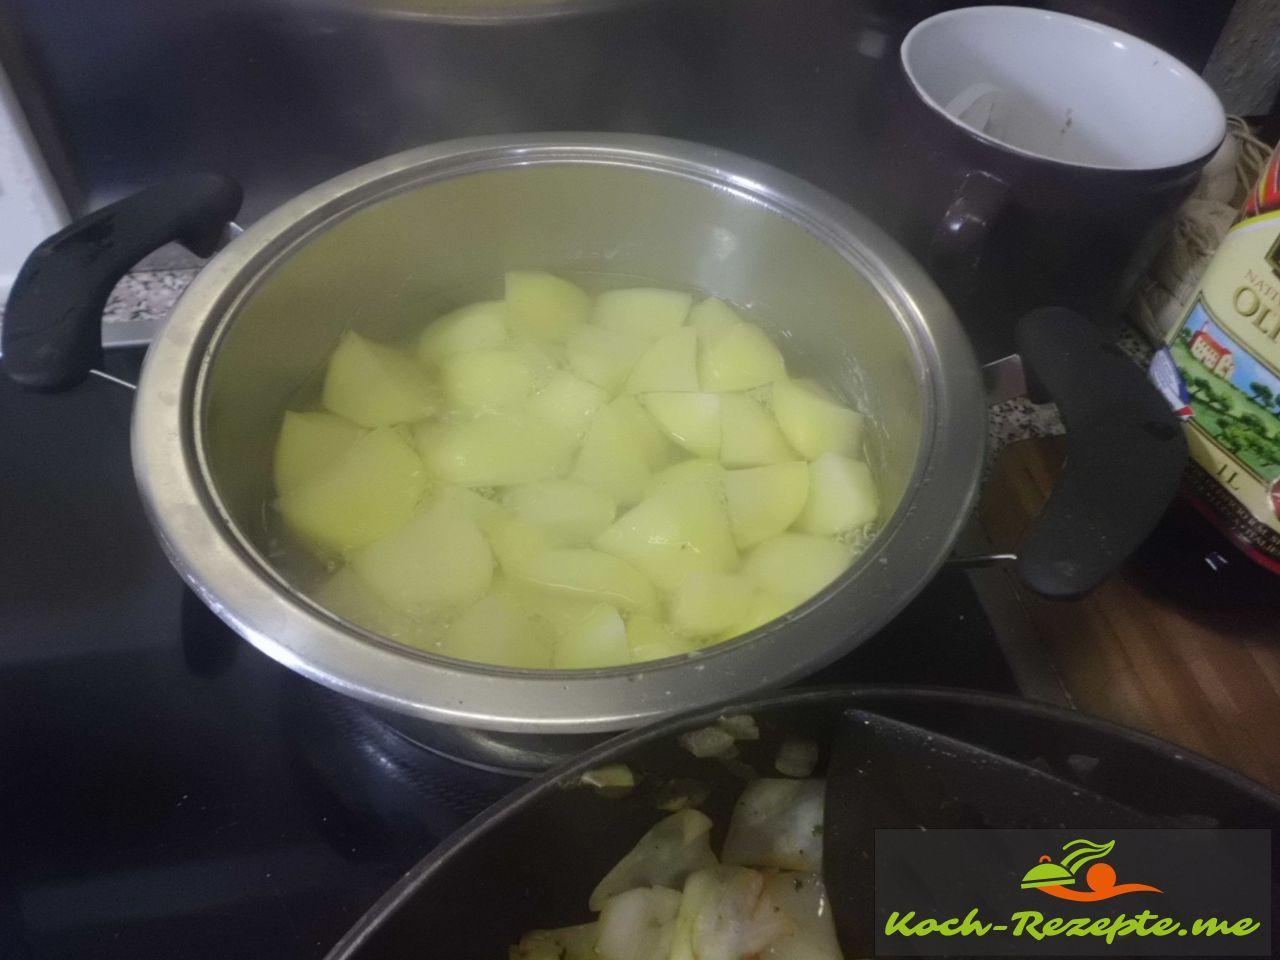 Kartoffeln in Salzwasser kochen fürs Pürree, dann Wasser abgießen